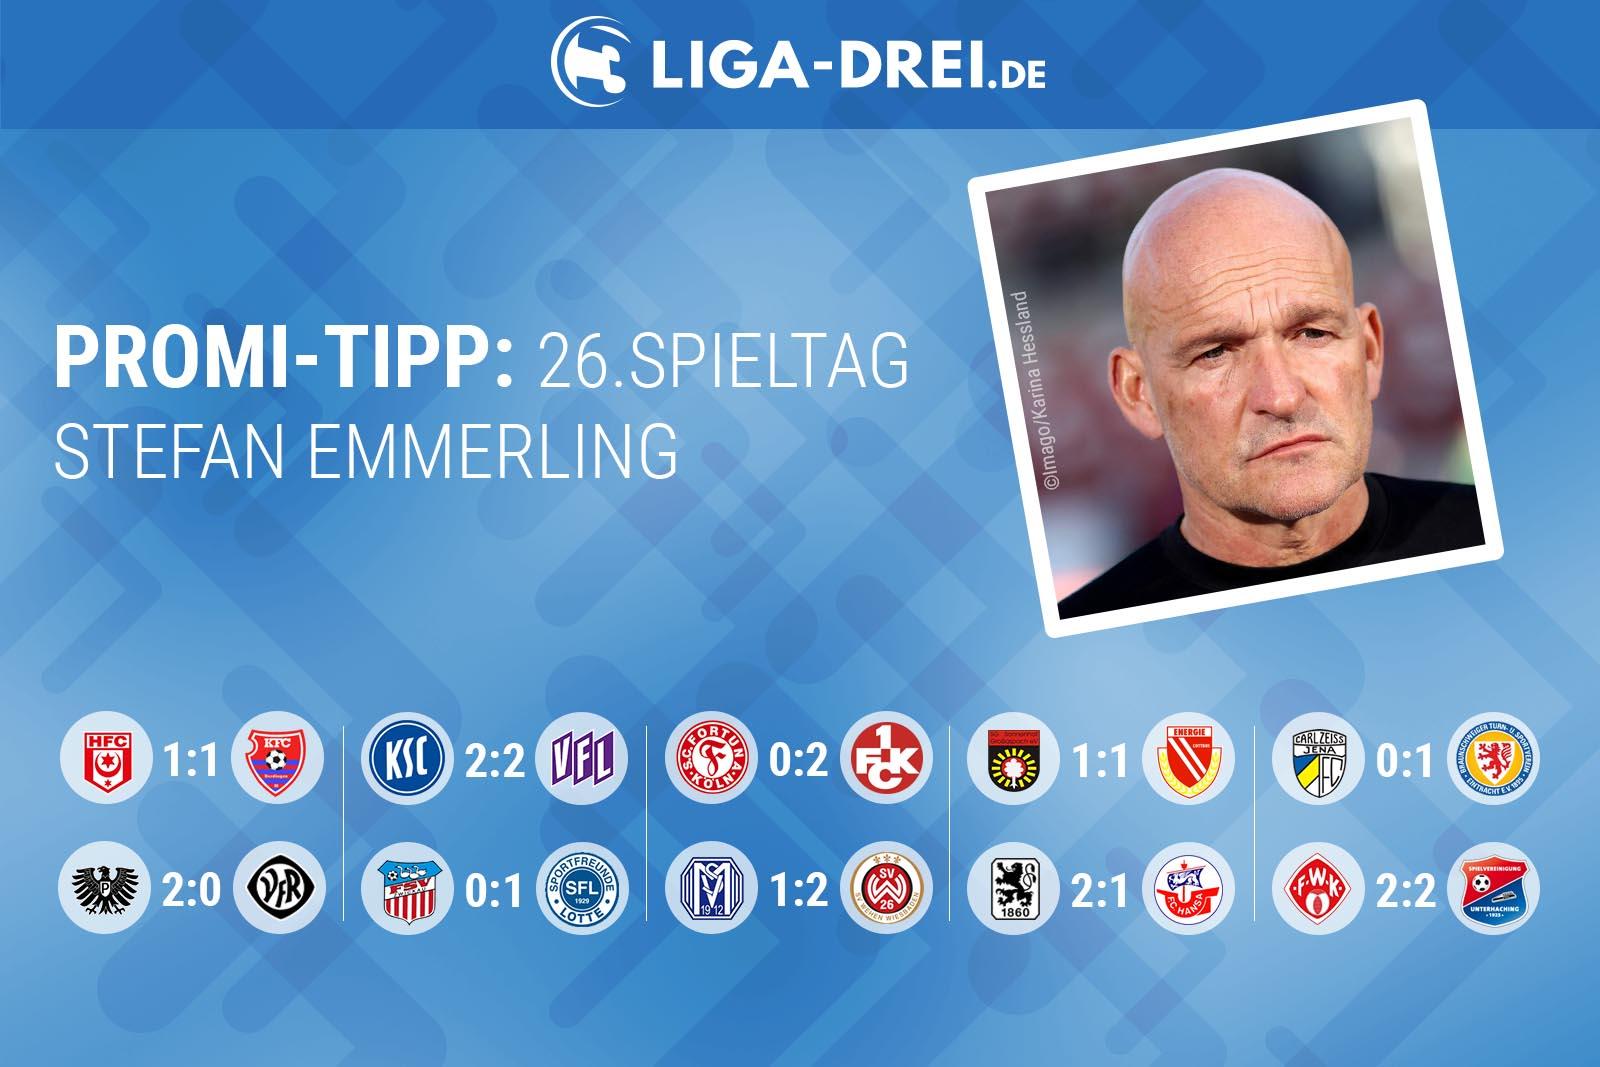 Stefan Emmerling beim Liga-Drei.de Promi Tipp